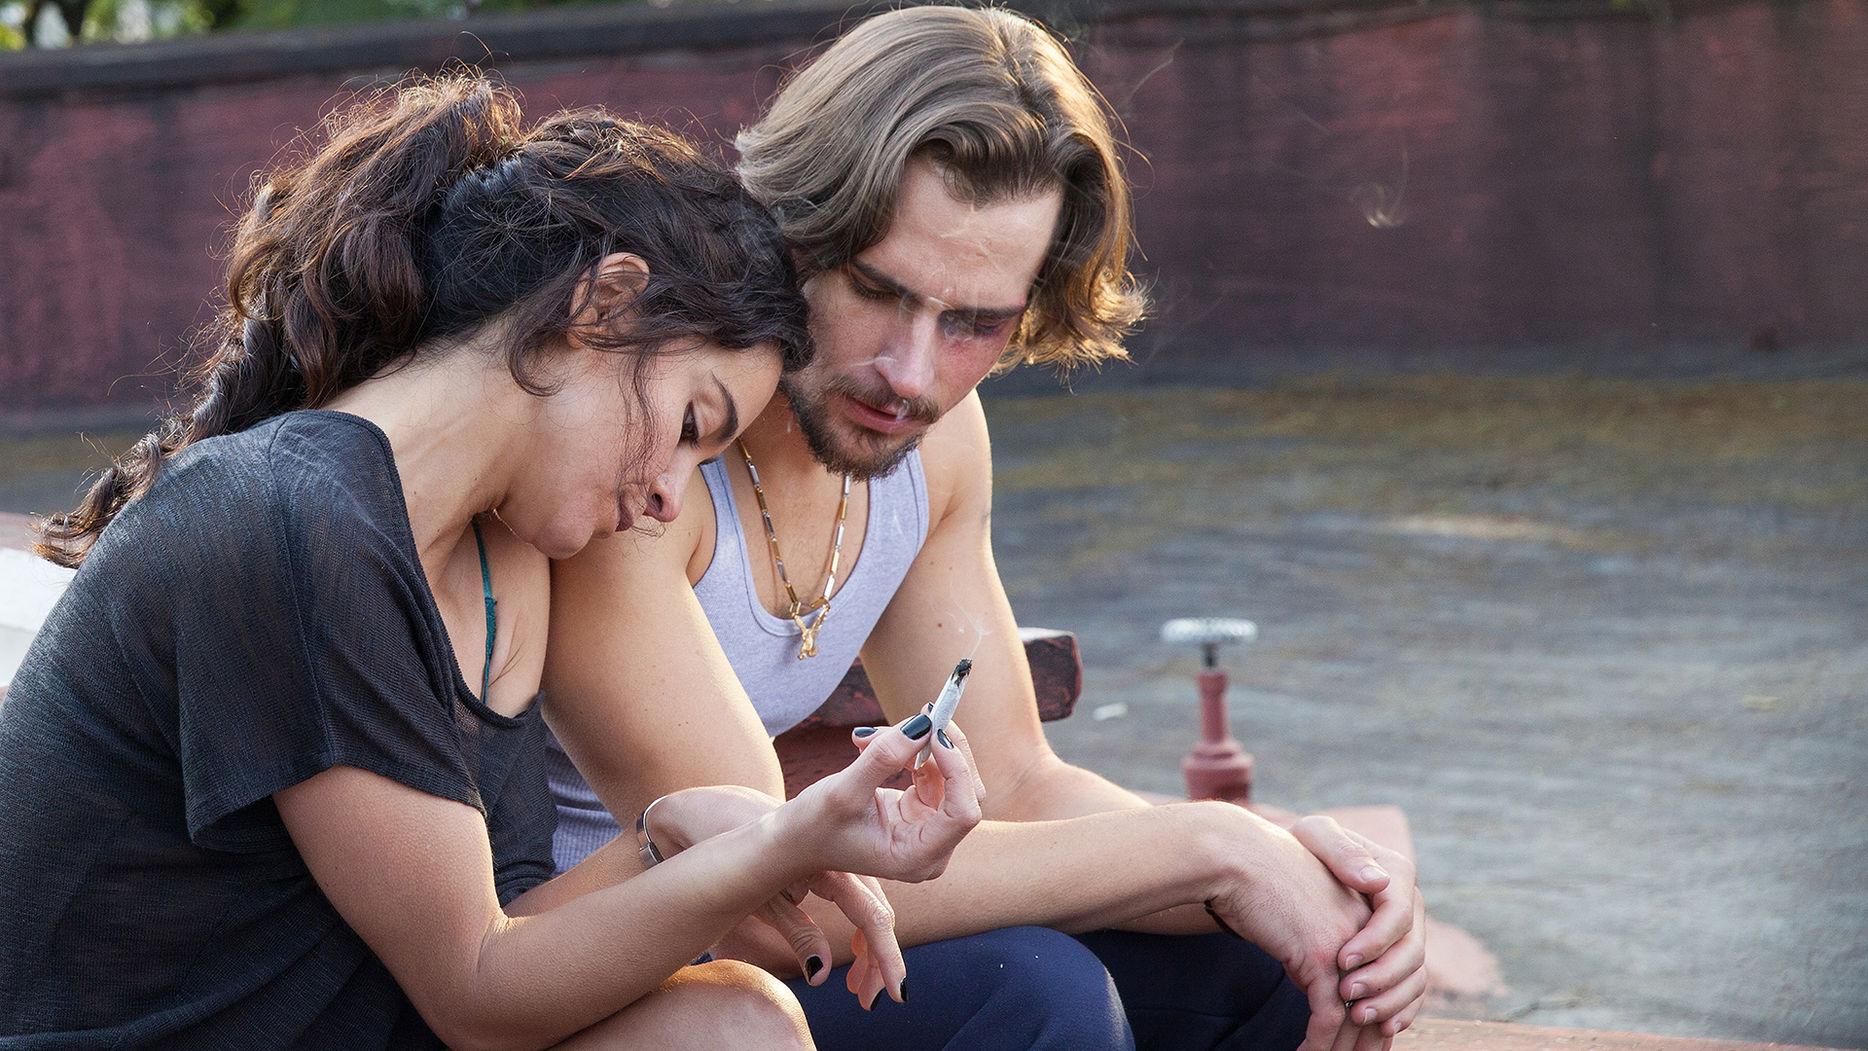 Alice Braga as Teresa Mendoza, Jon Ecker as Guero in Queen of the South Season1